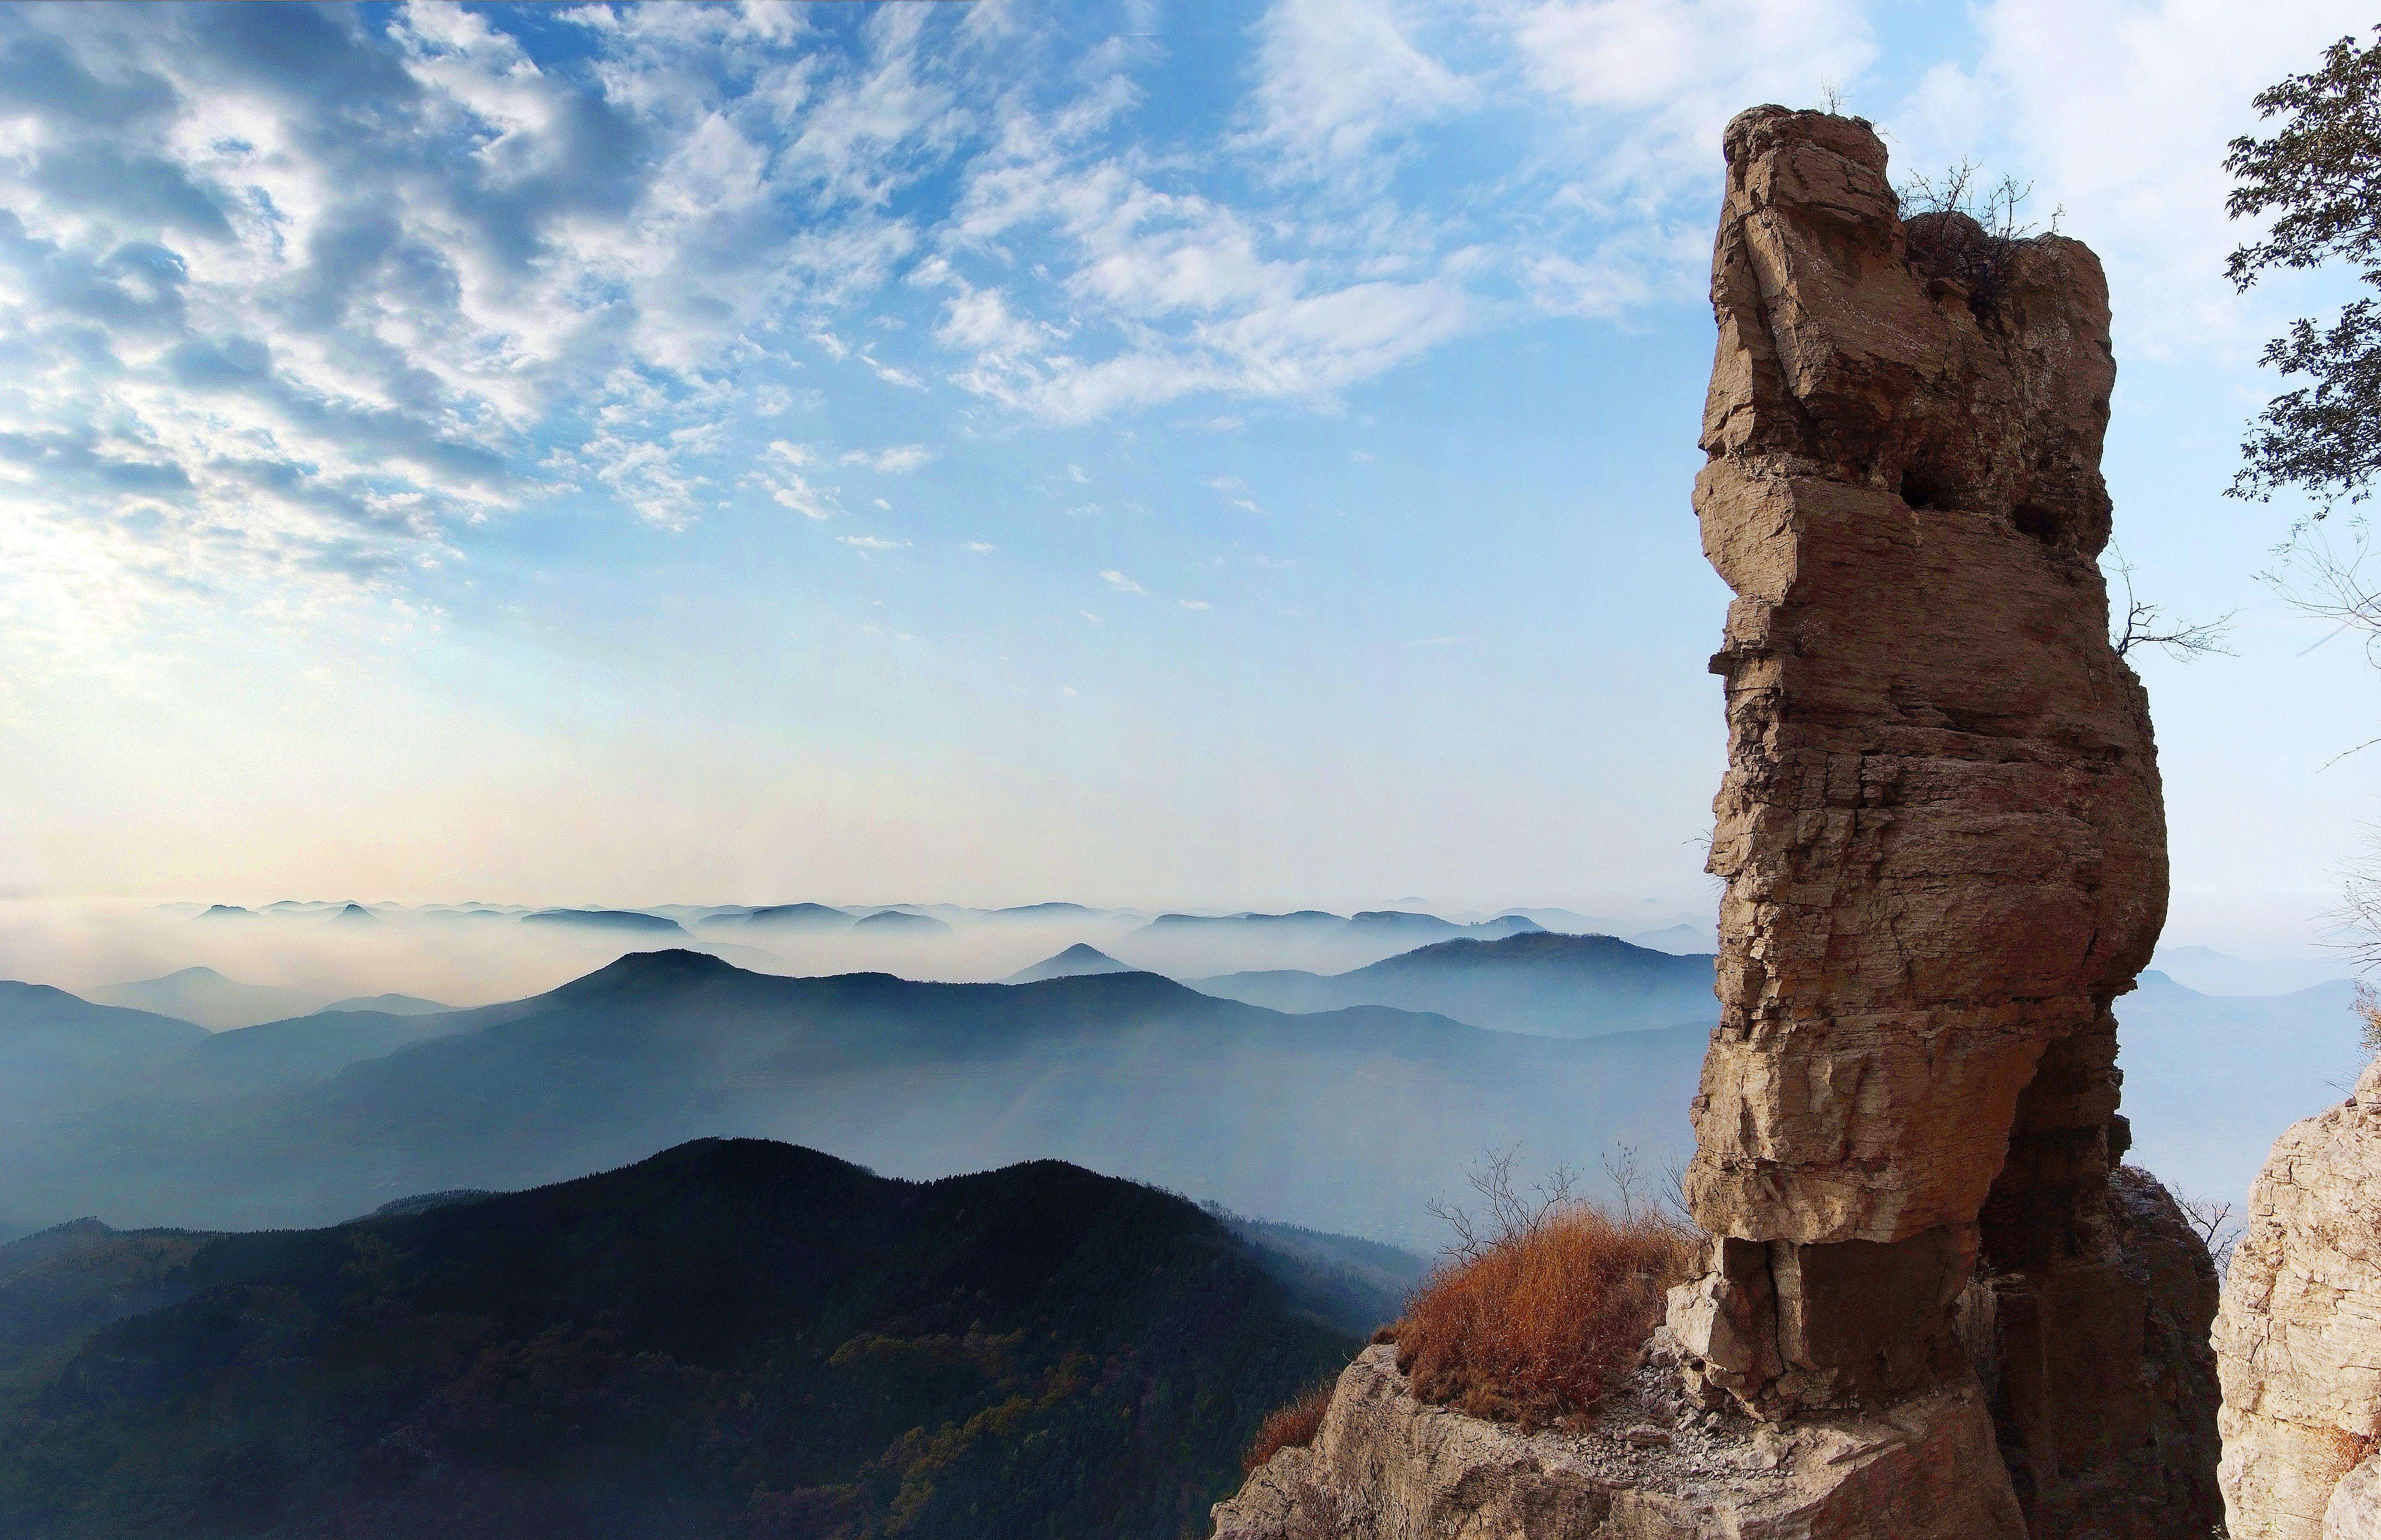 抱犊崮国家森林公园地处山东省枣庄市山亭区境内,总面积665.